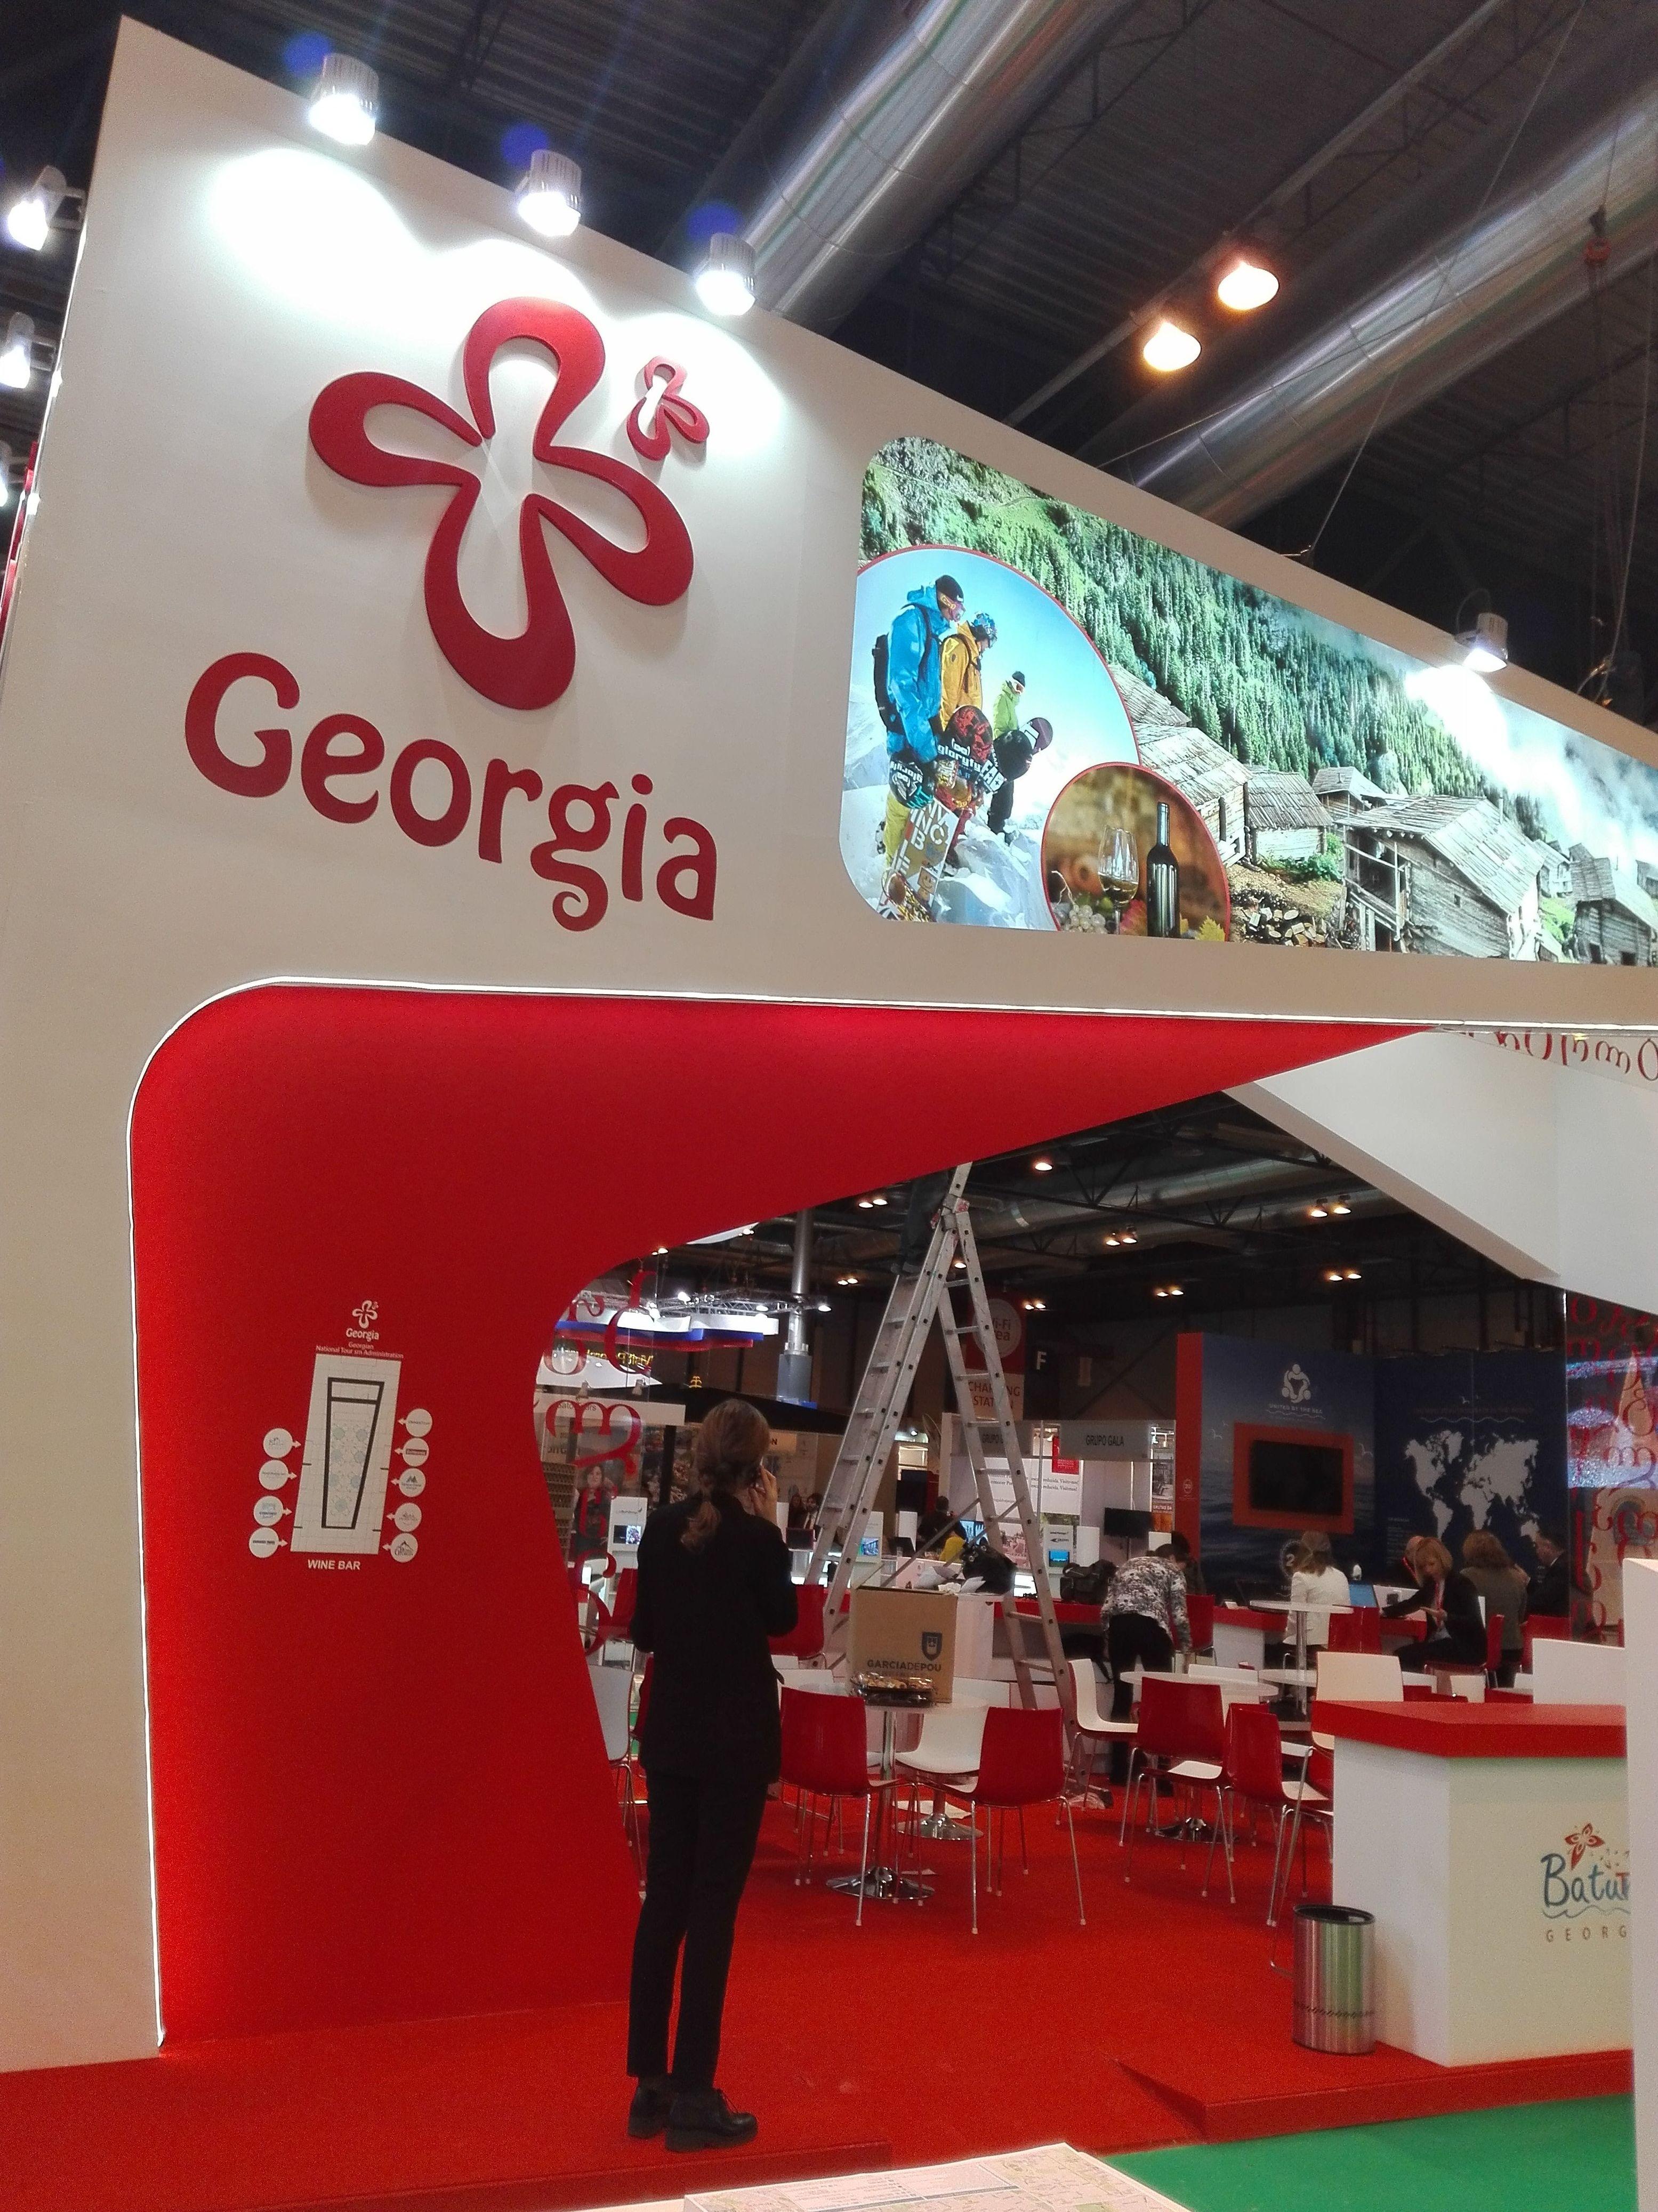 Impresión de vinilos y aplicación para el stand de Georgia feria Fitur en el Ifema del 17 al 21 enero 2018 como siempre Madrid capital del turismo acoge a países de todo el mundo.